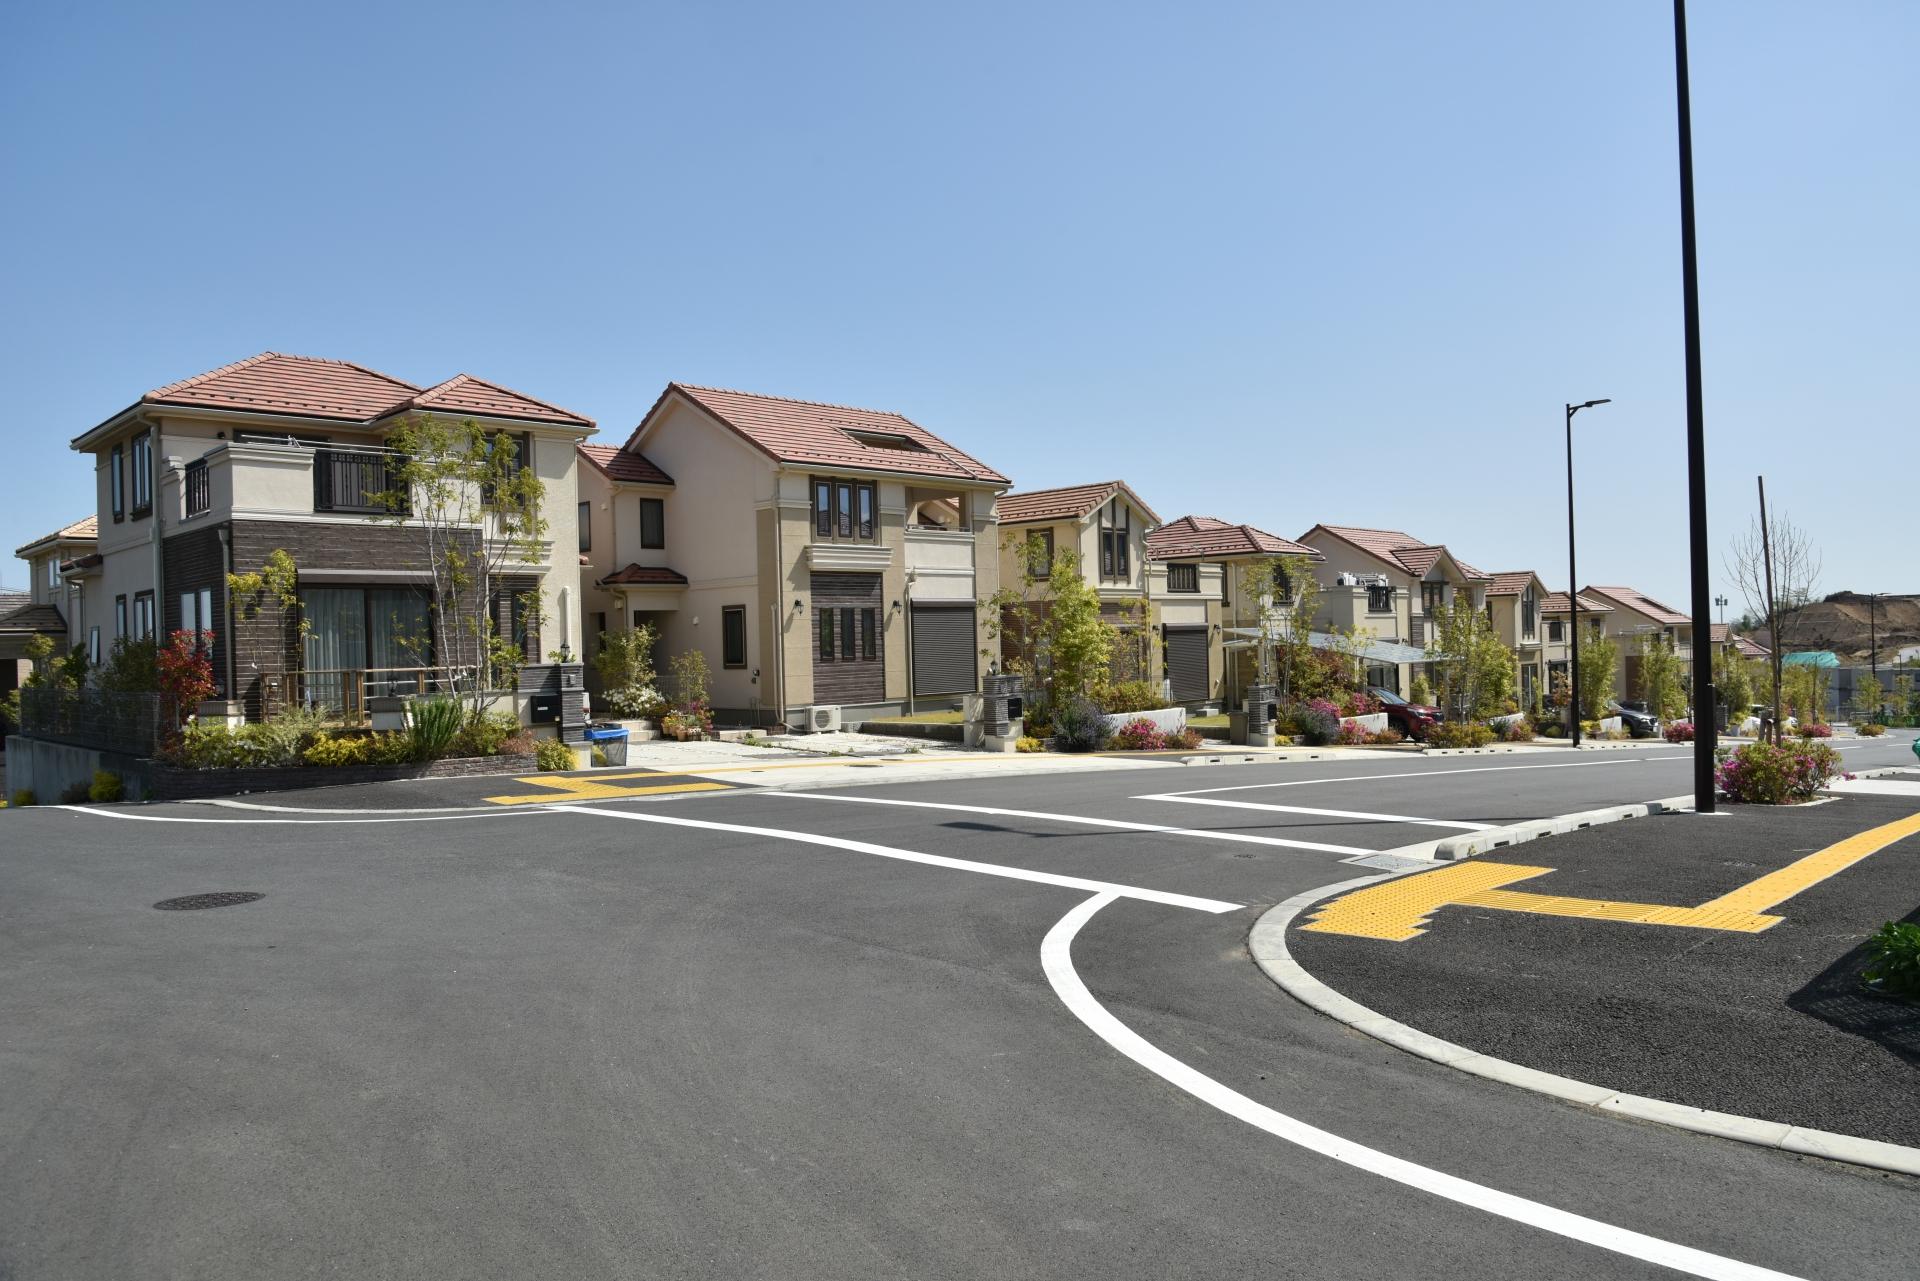 住宅として適しているのはどっち?住宅構造編